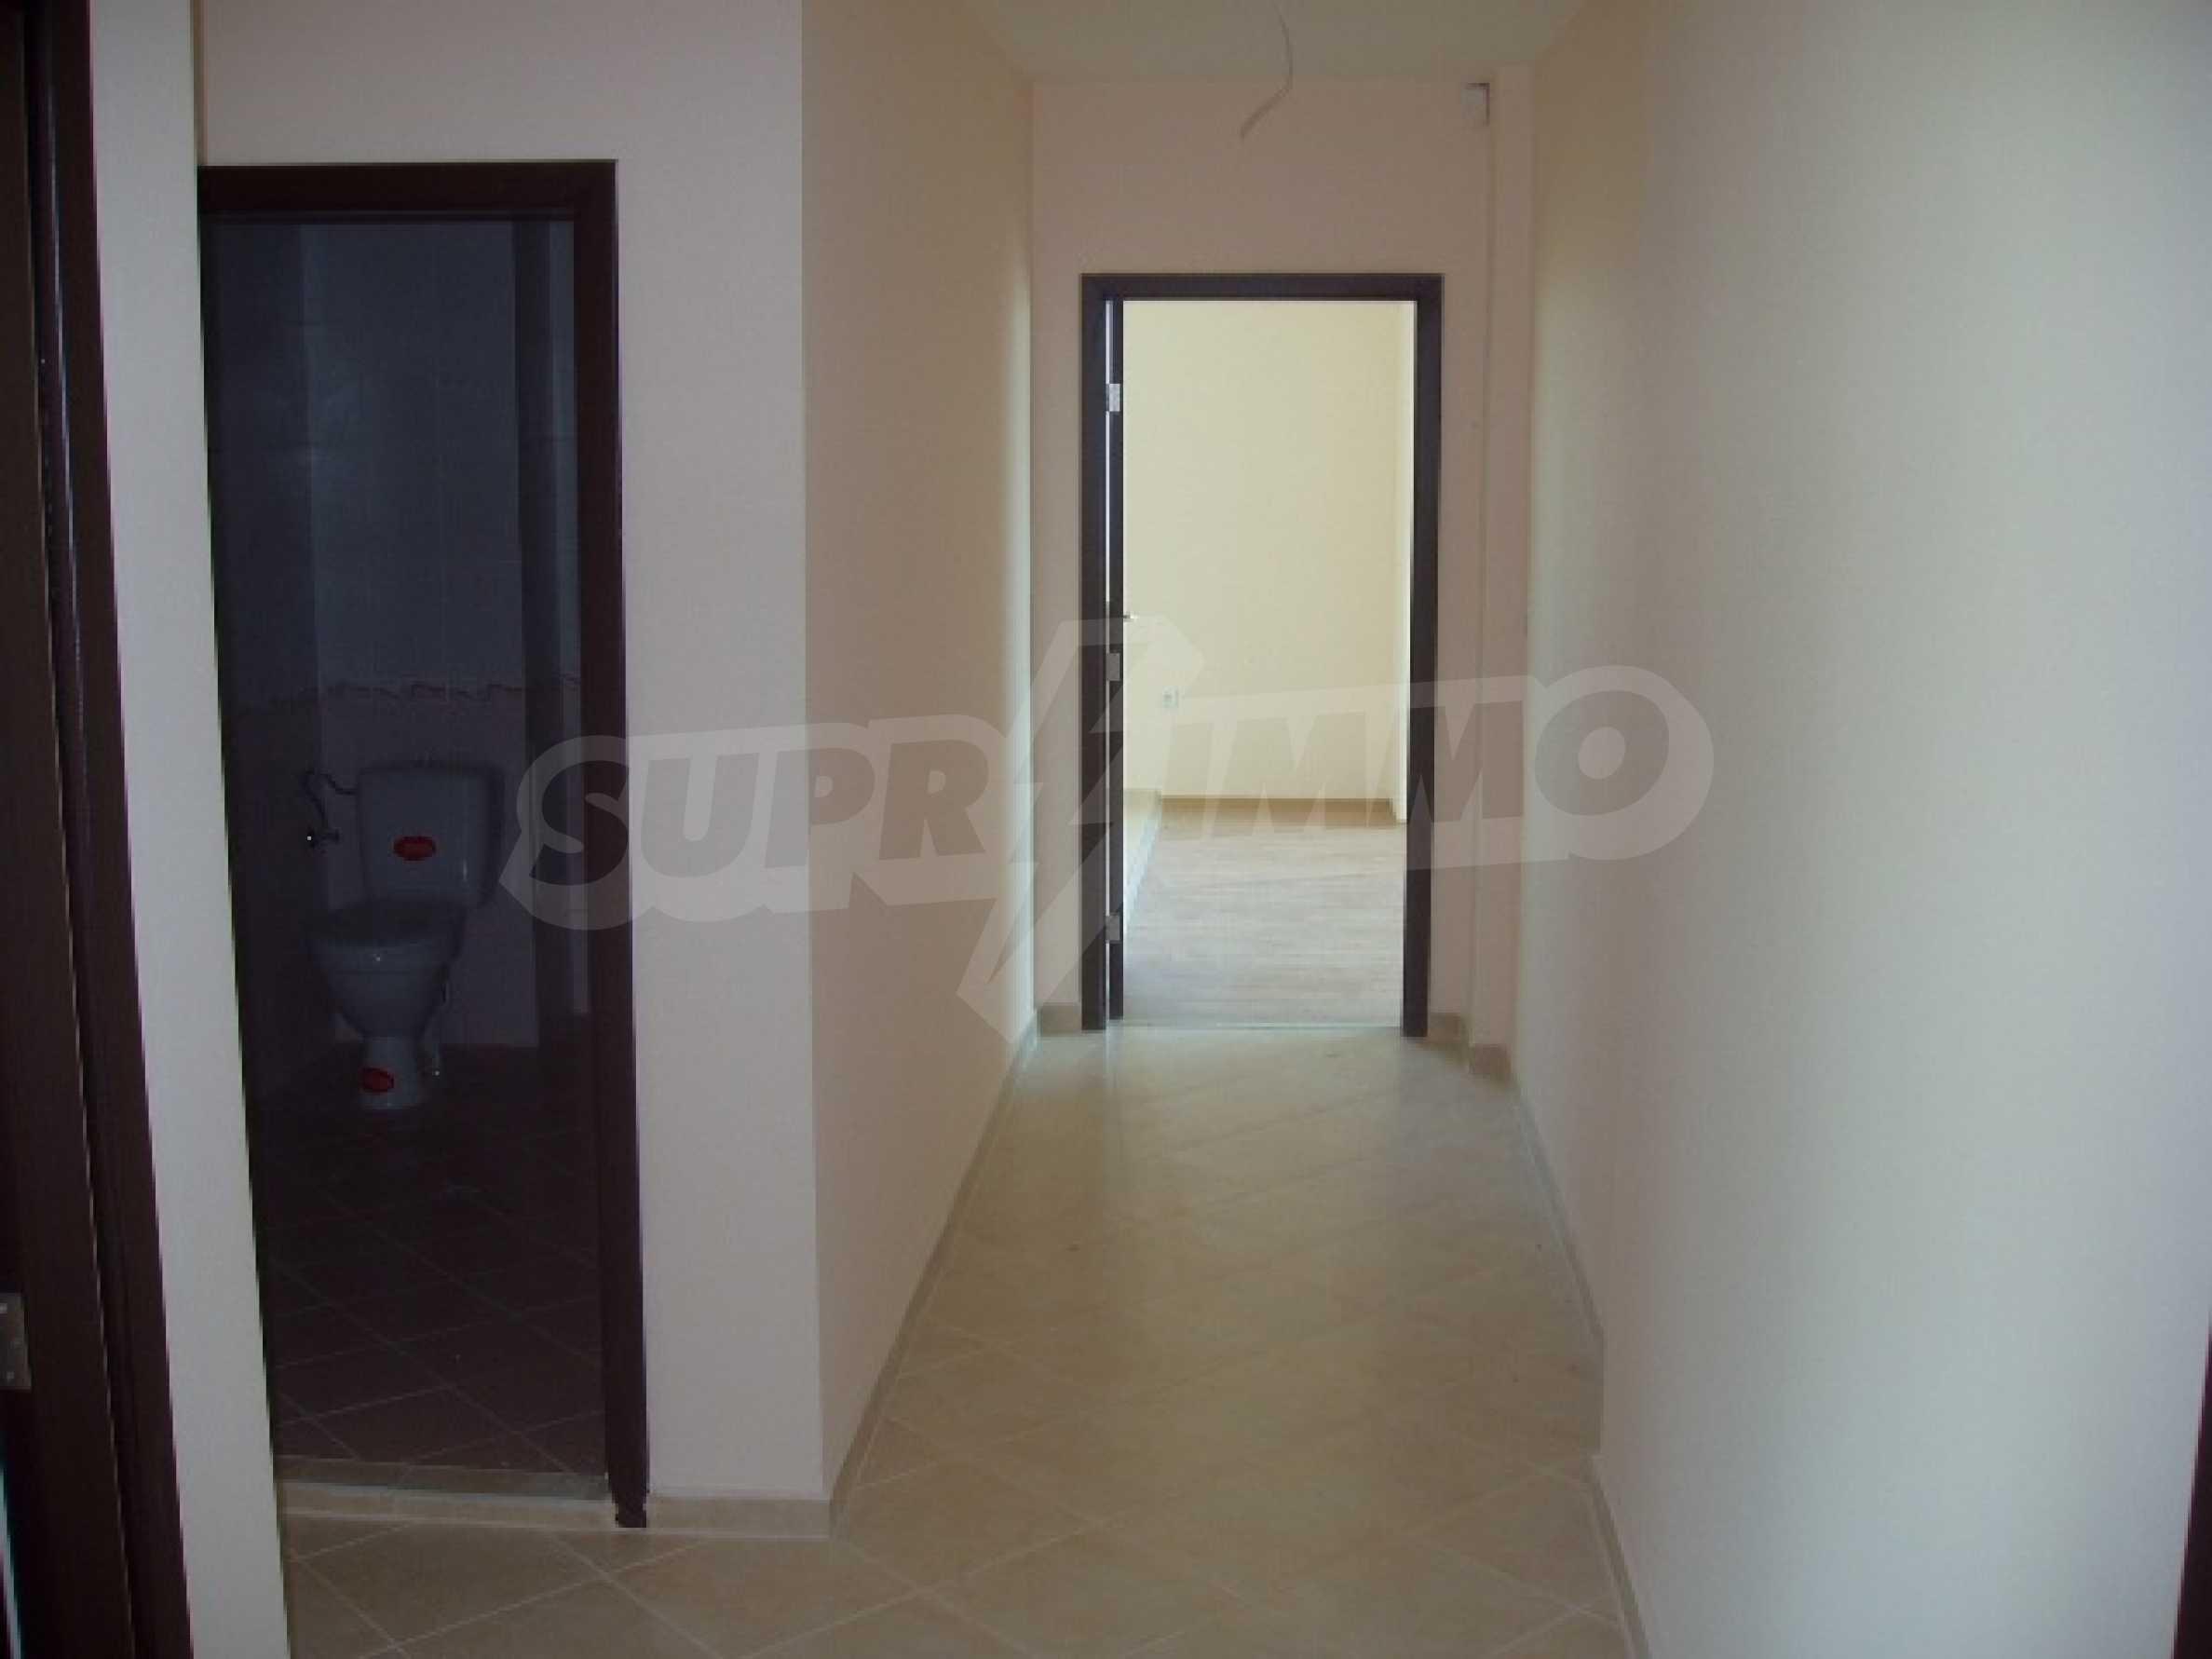 Panorama-Apartment mit zwei Schlafzimmern in Byala 5